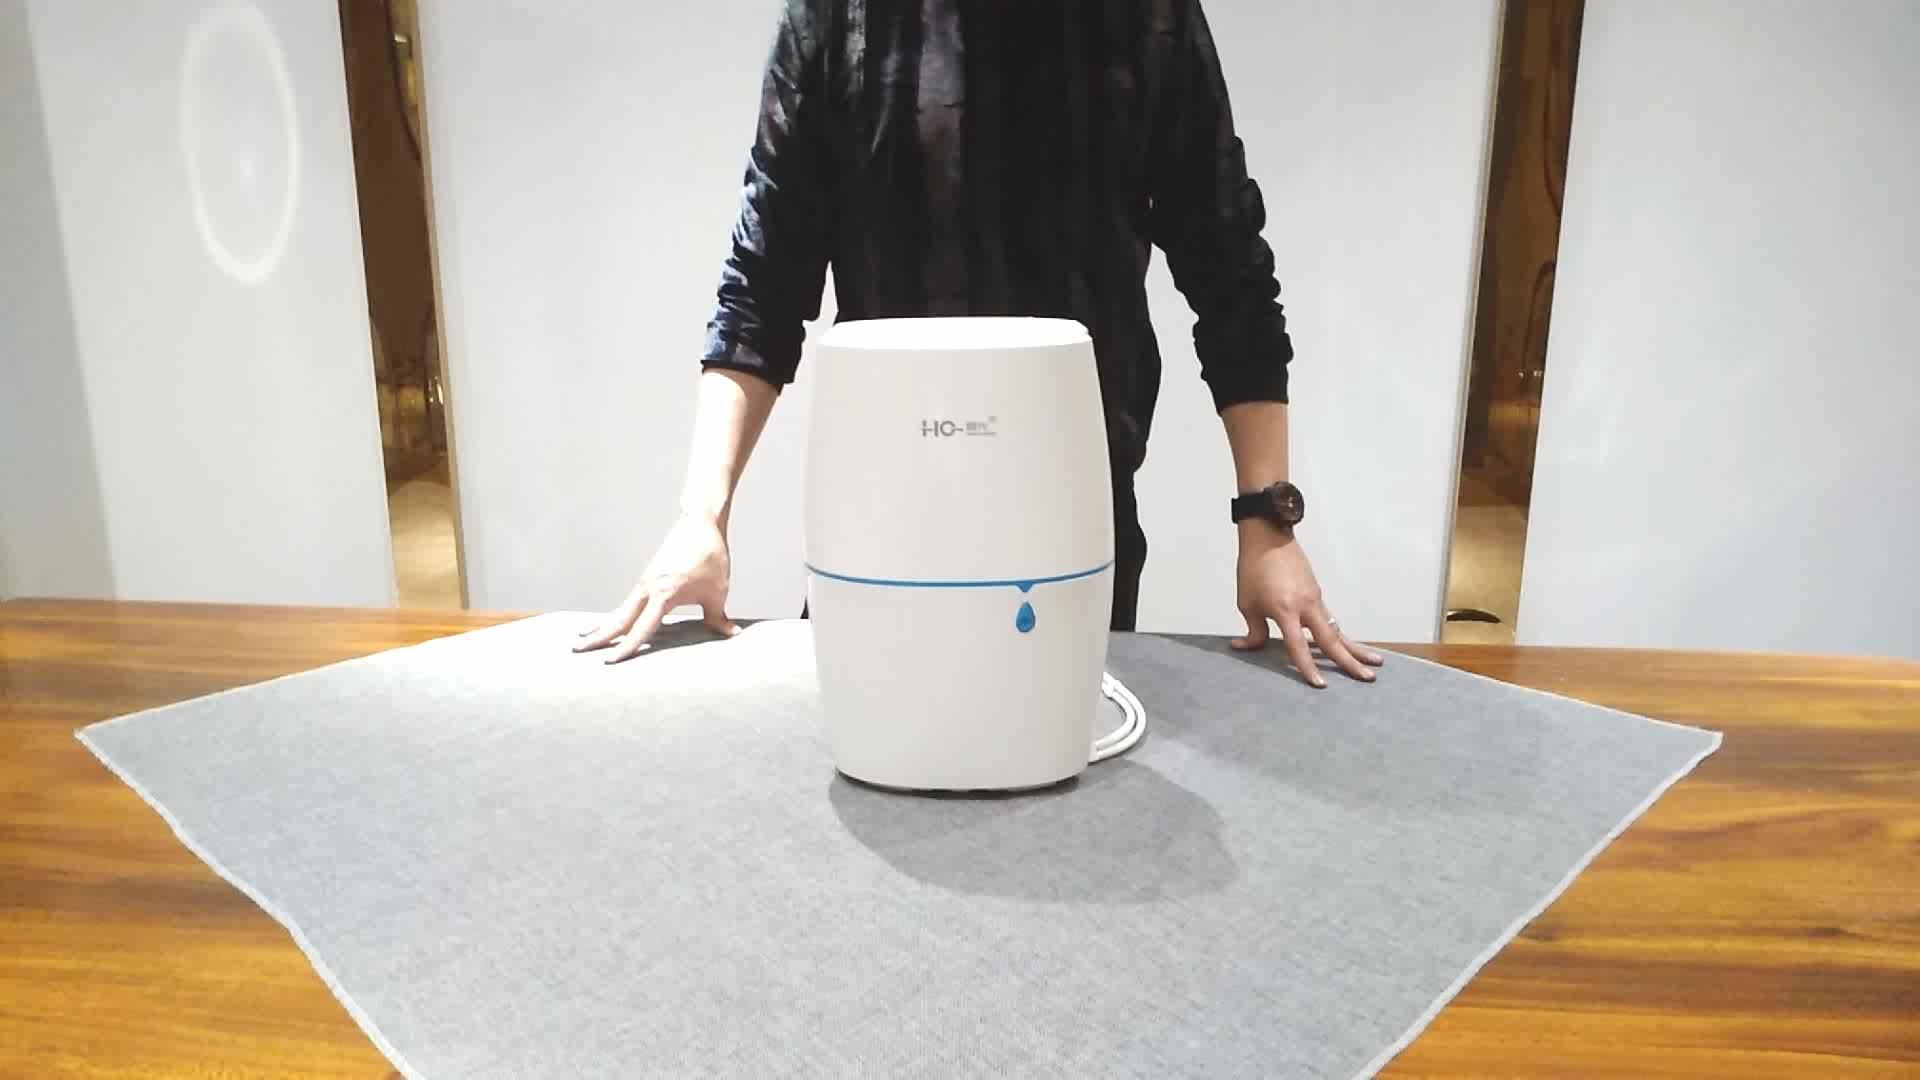 Yüksek kaliteli düşük fiyat ev su arıtıcısı 7 kat filtre içme suyu arıtma ev aletleri için